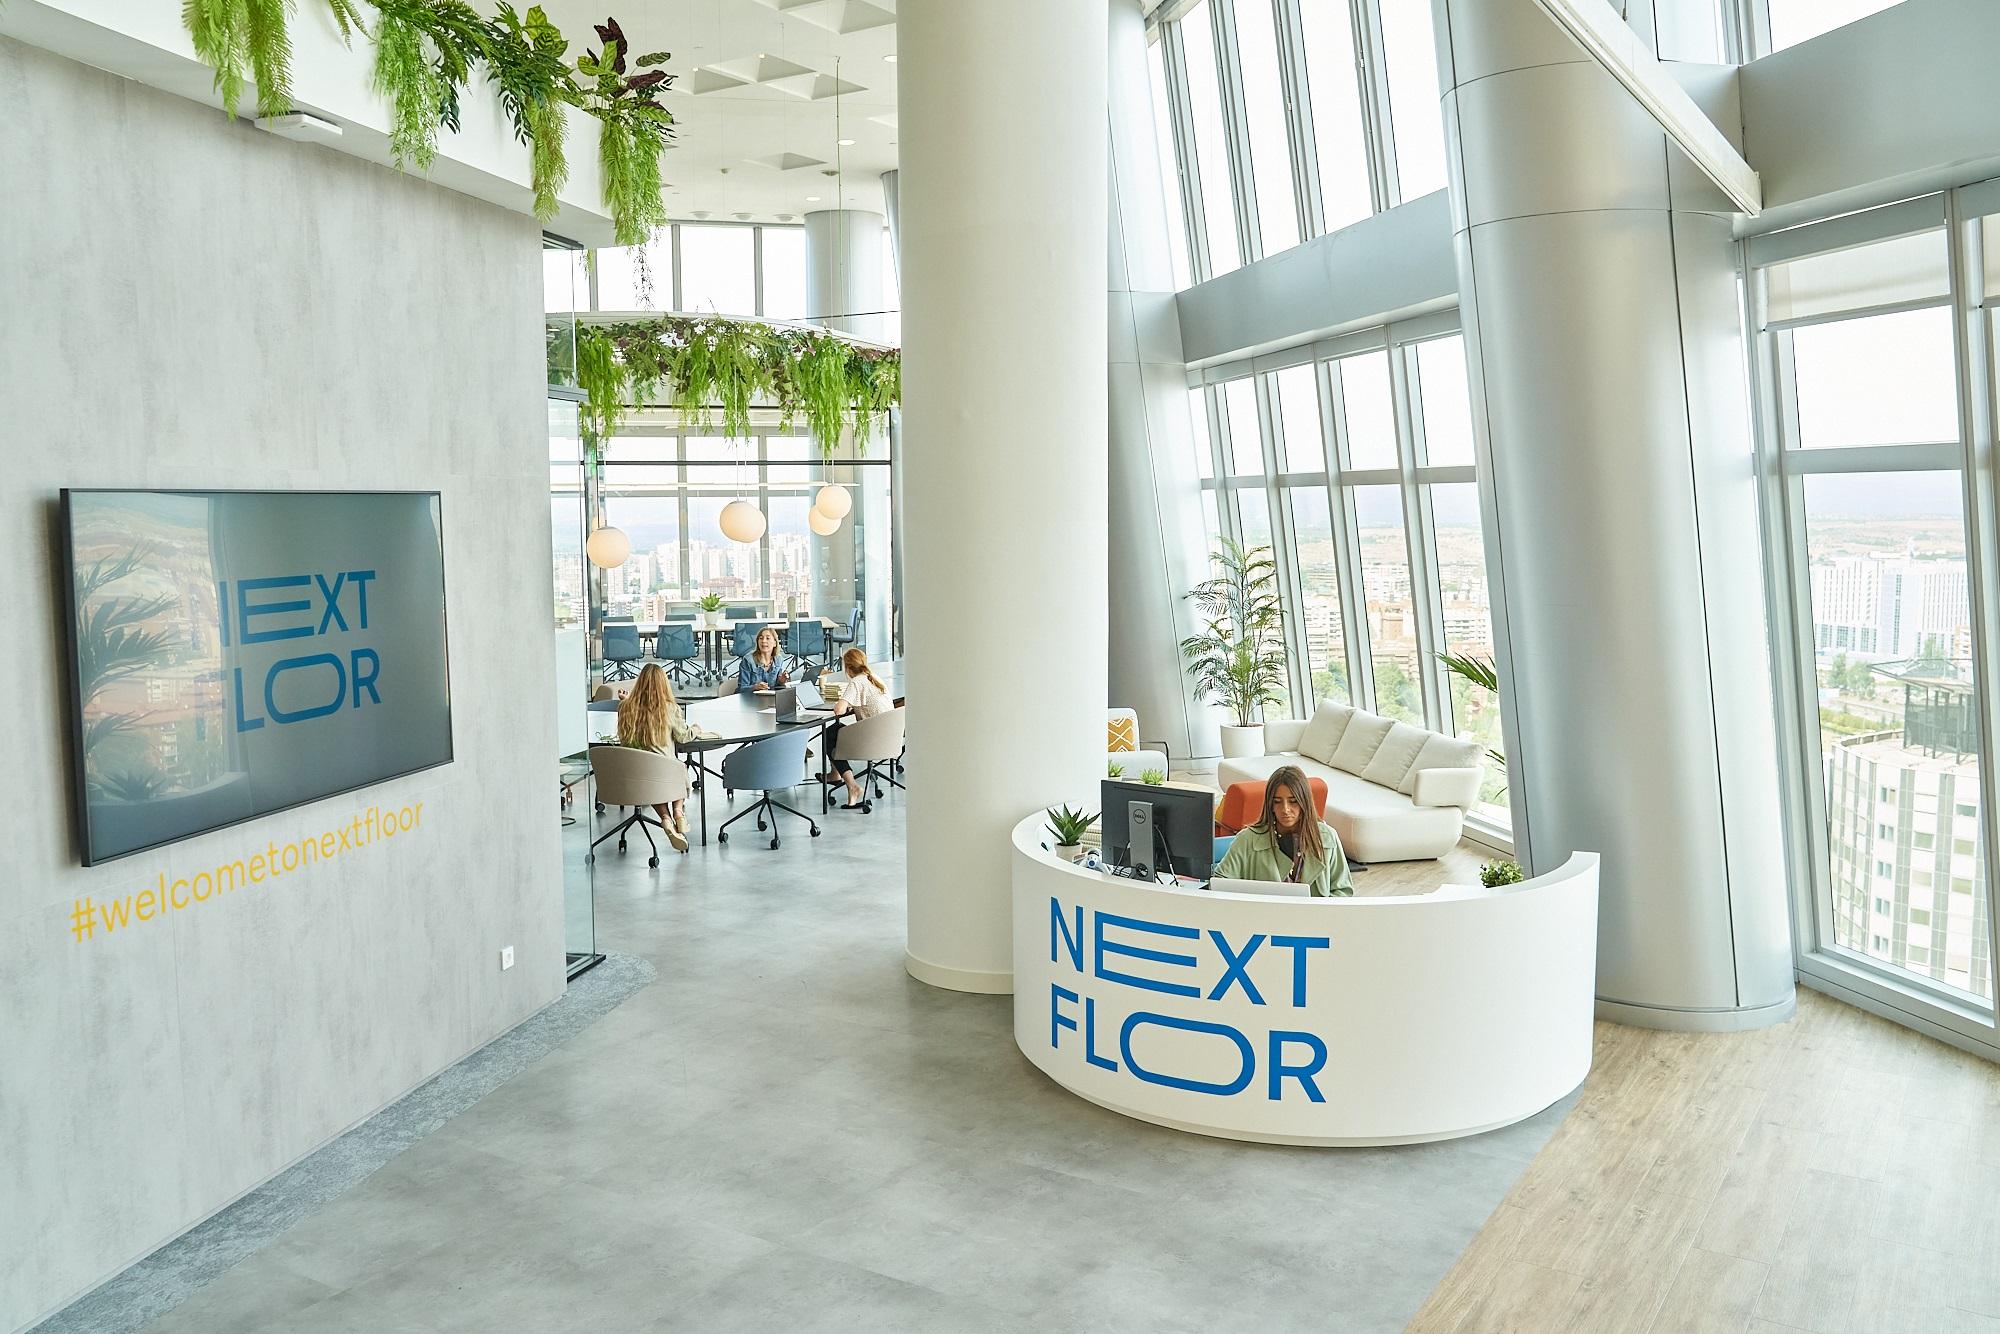 Next Floor, el espacio 'coworking' de Emperador Properties gestionado por Savills